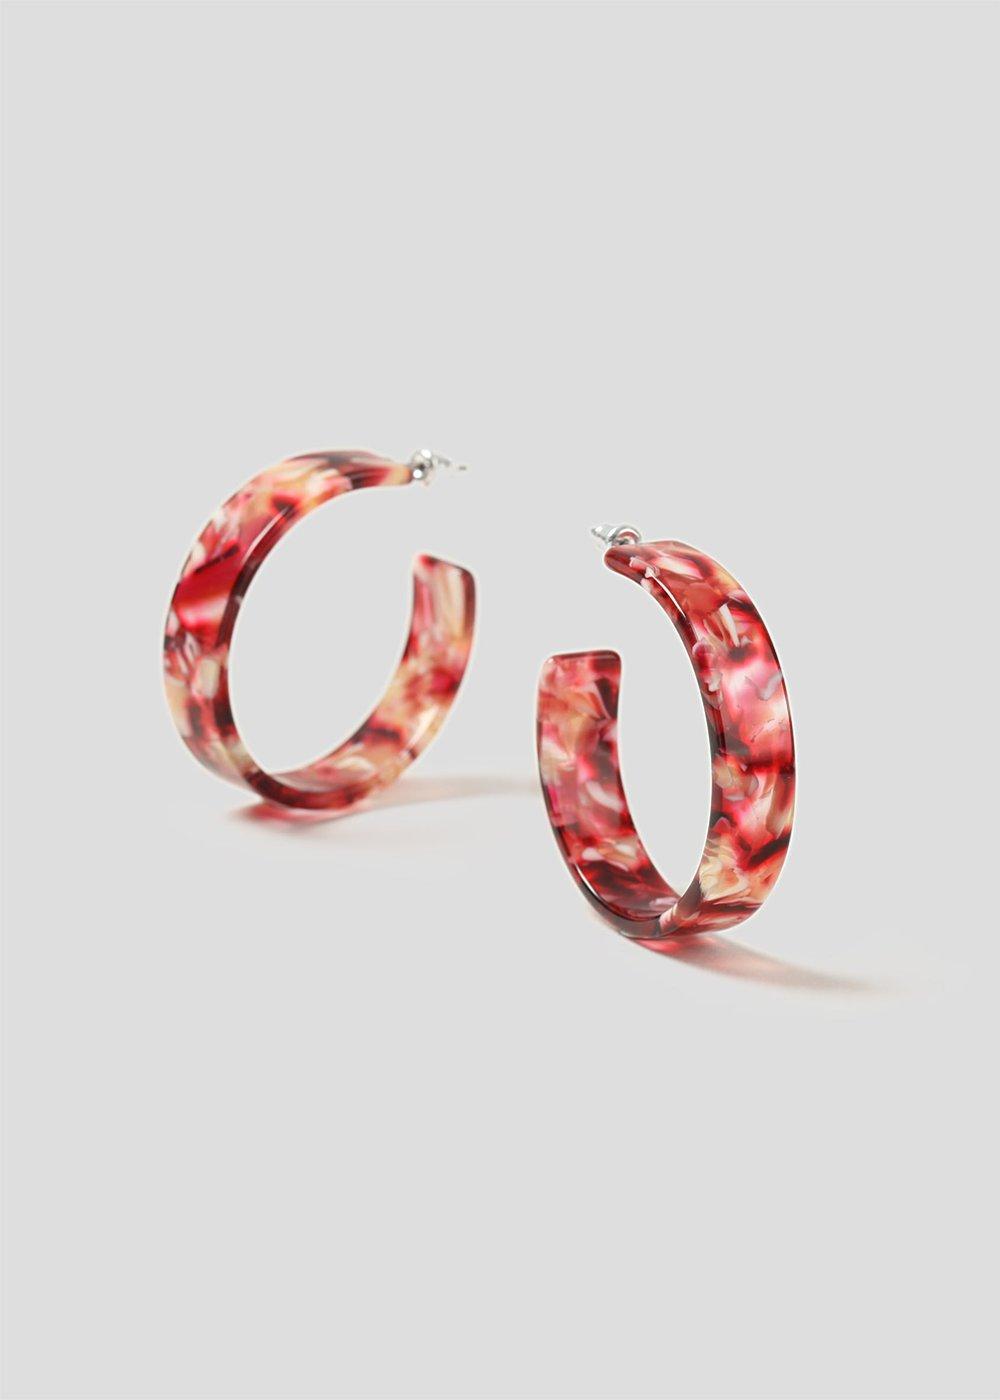 Earrings, £6.50